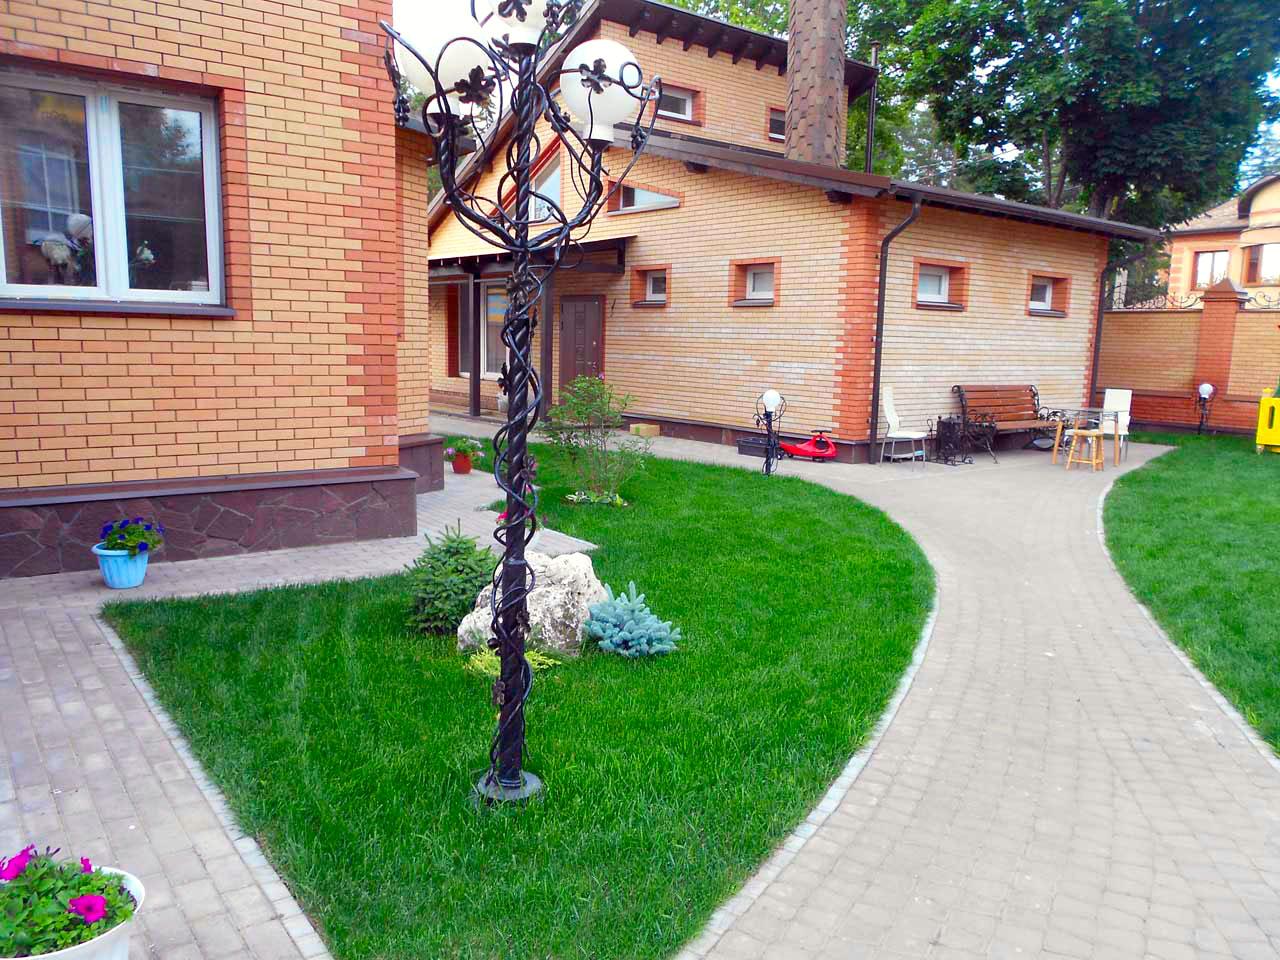 Ландшафтный дизайн Ижевск, Системы полива, Рулонный газон, Озеленение, Благоустройство Ижевск, Ландшафтный проект